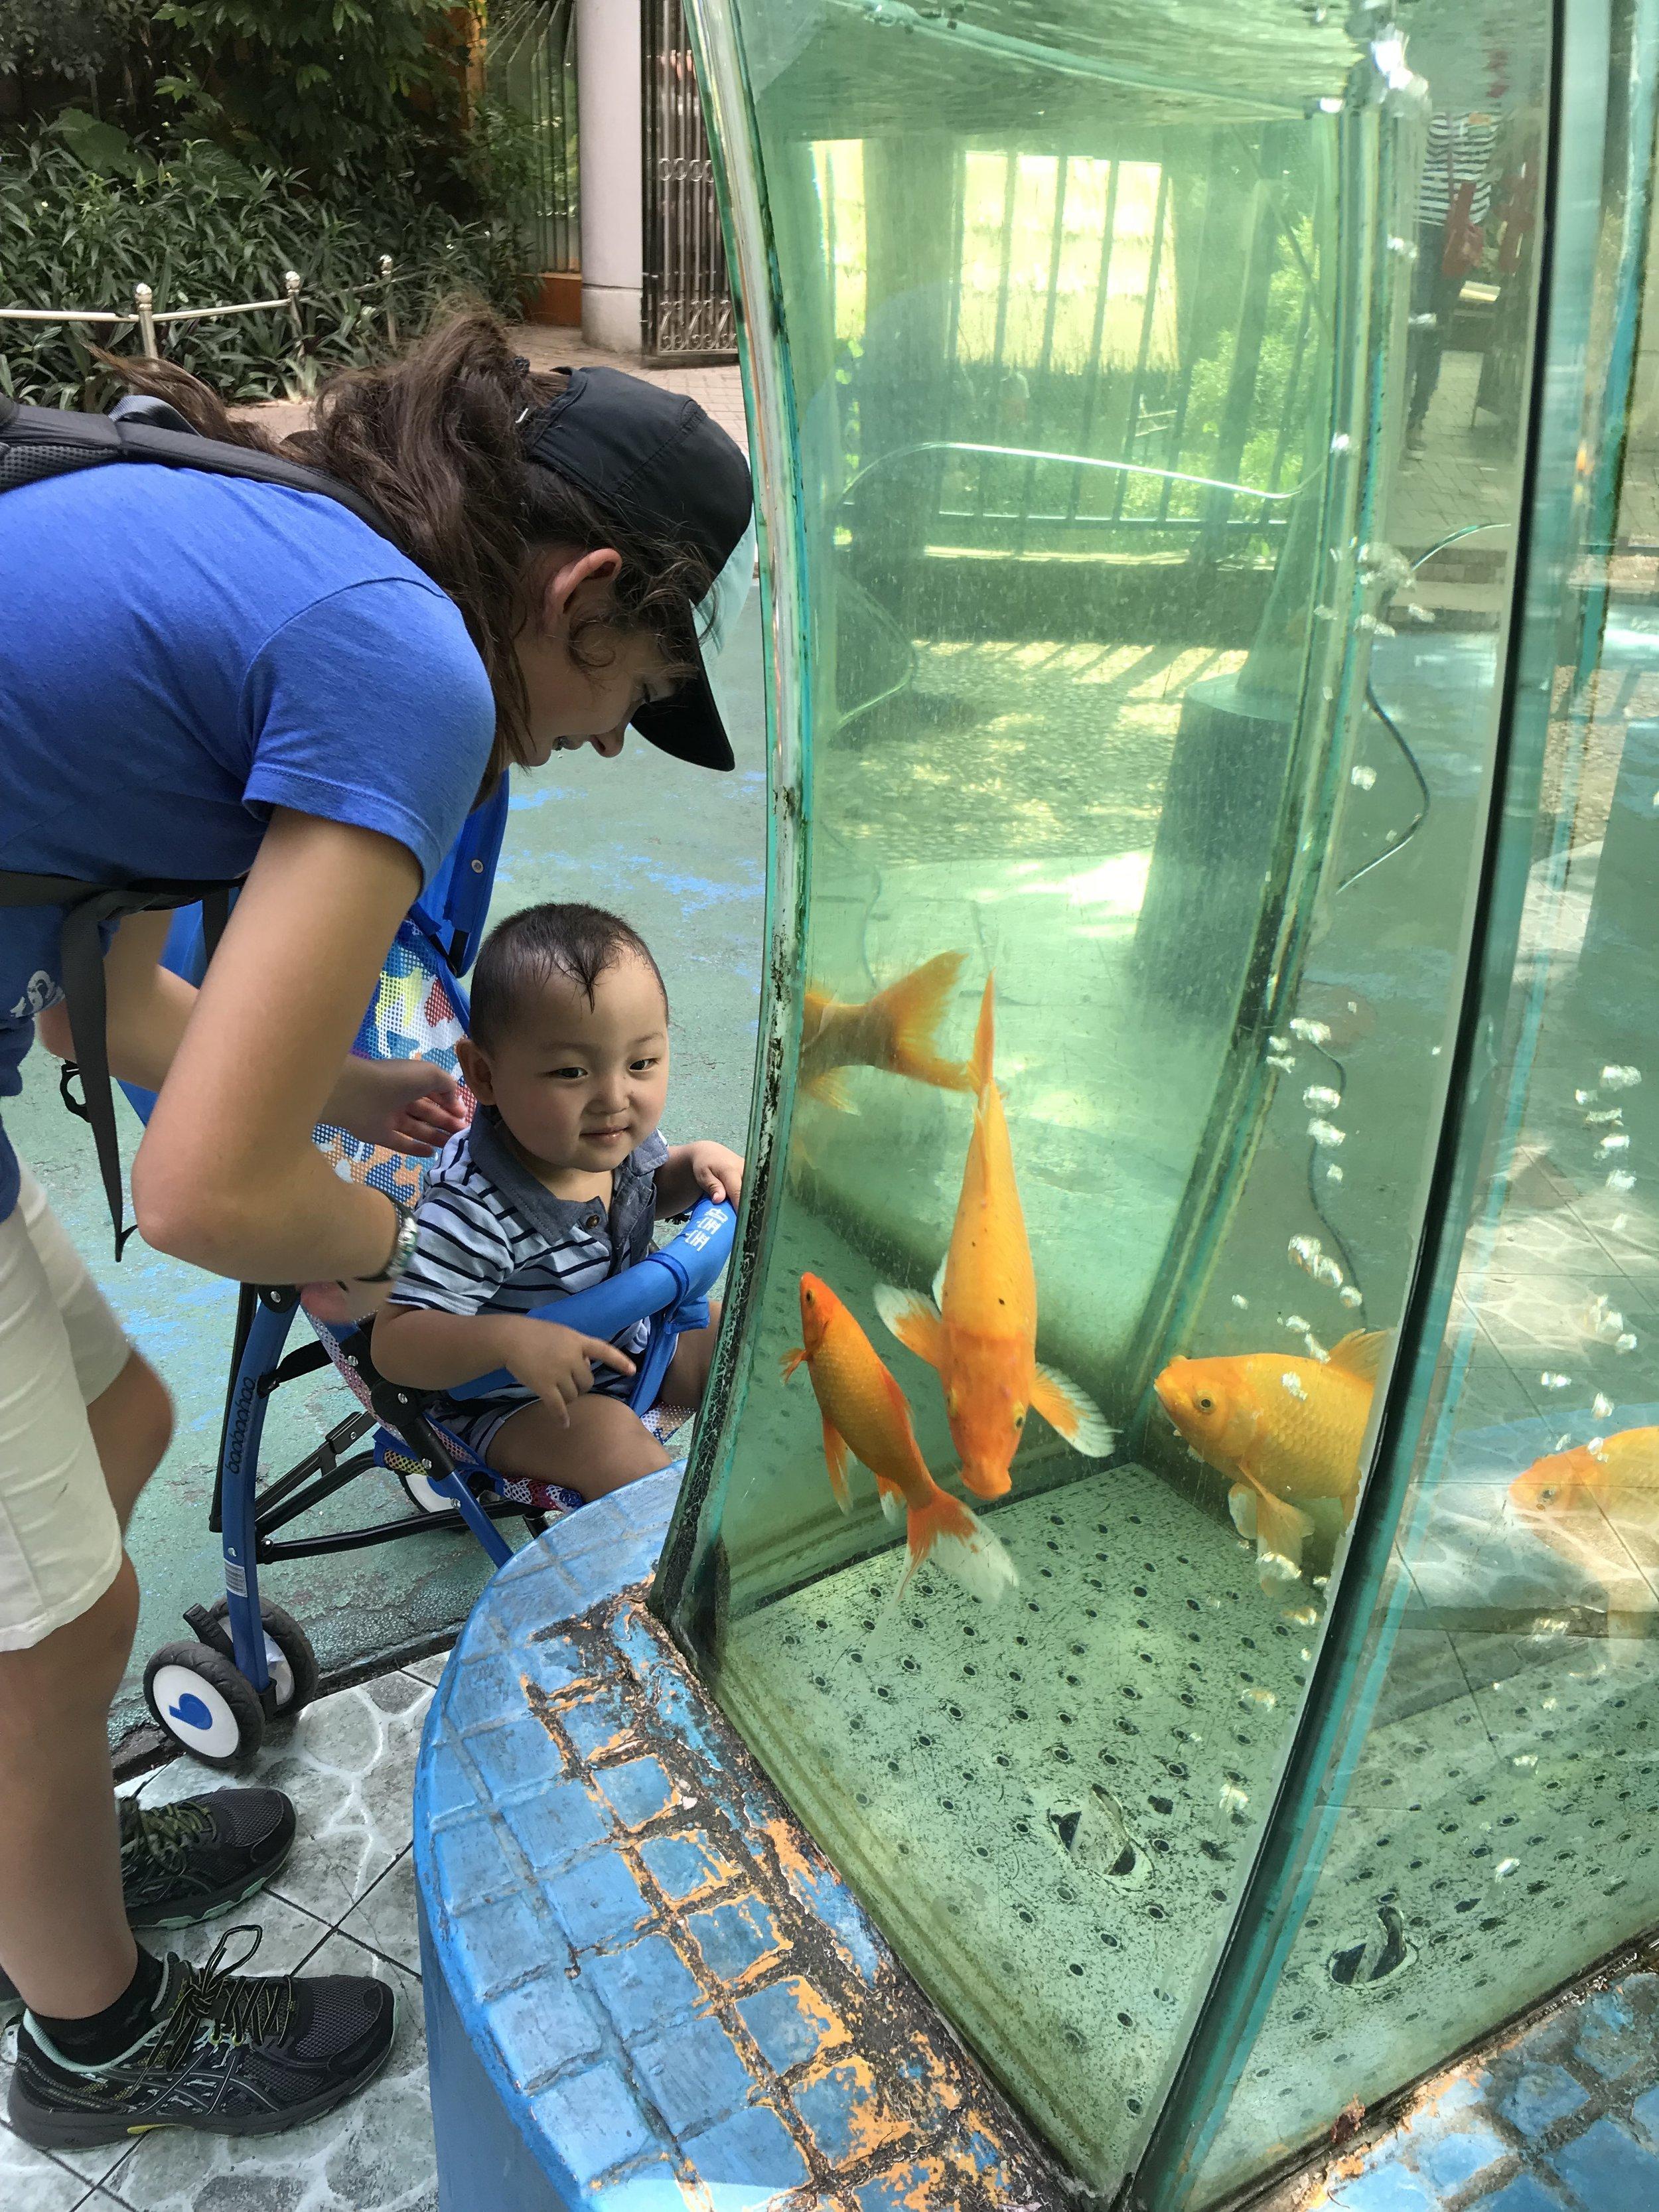 Honey, should we buy him a fish?